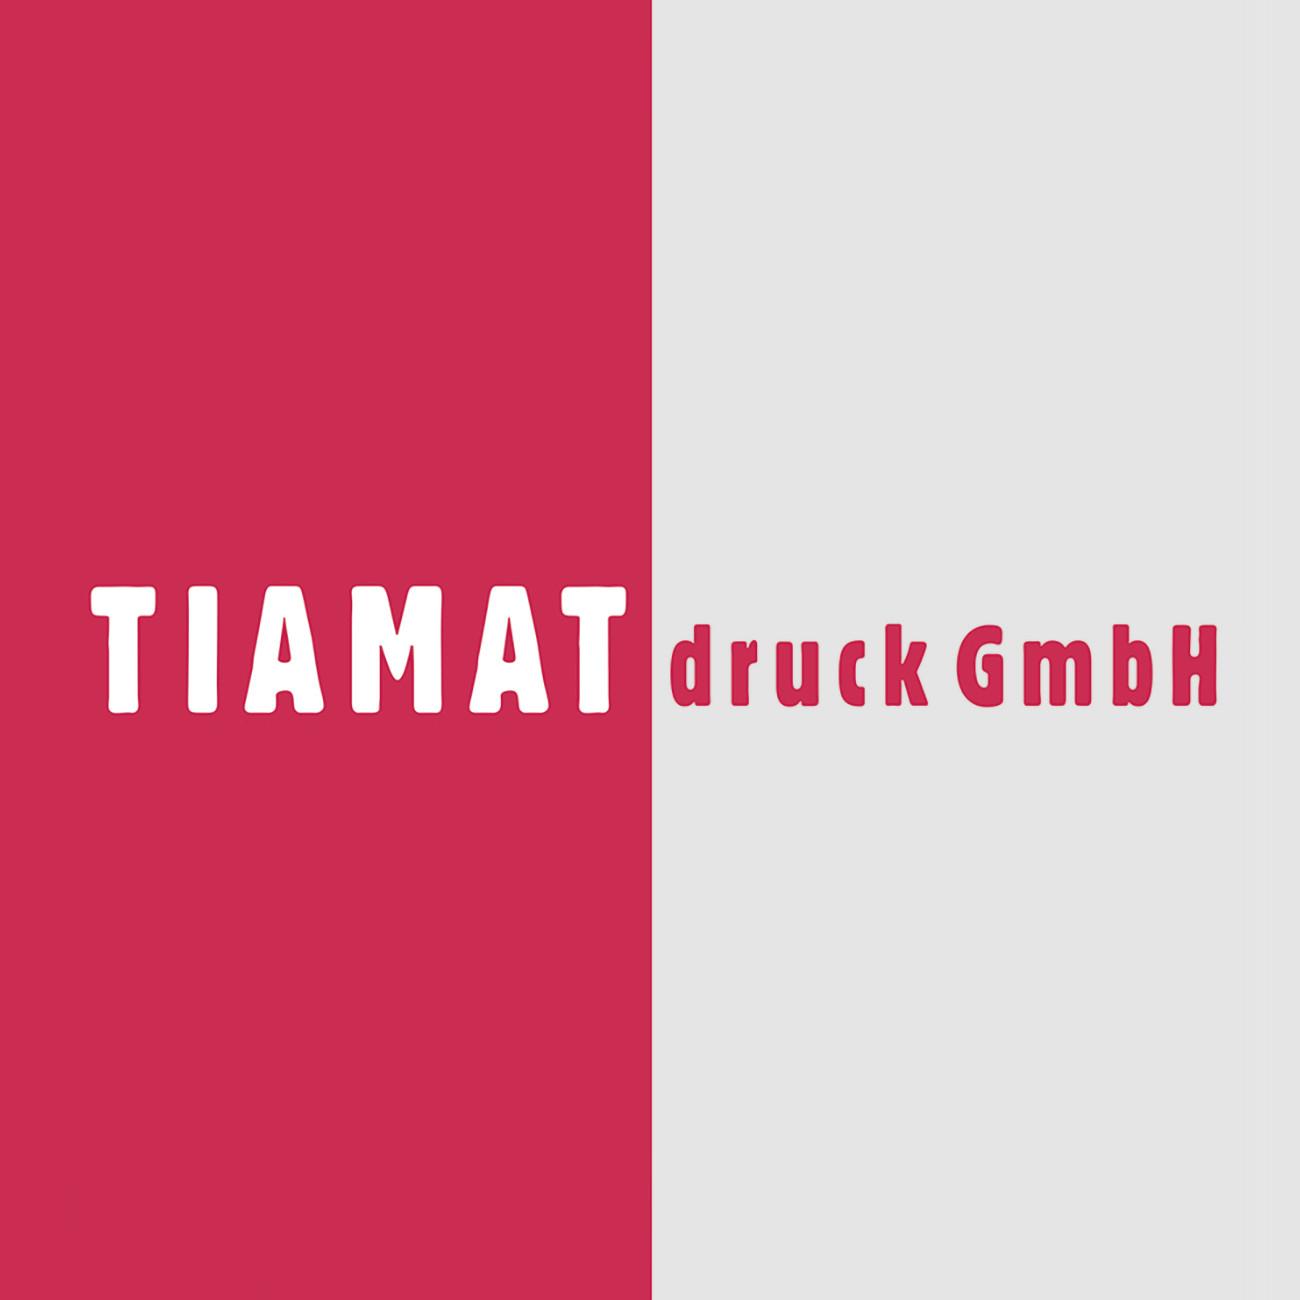 Bild zu Tiamat Druck GmbH in Düsseldorf